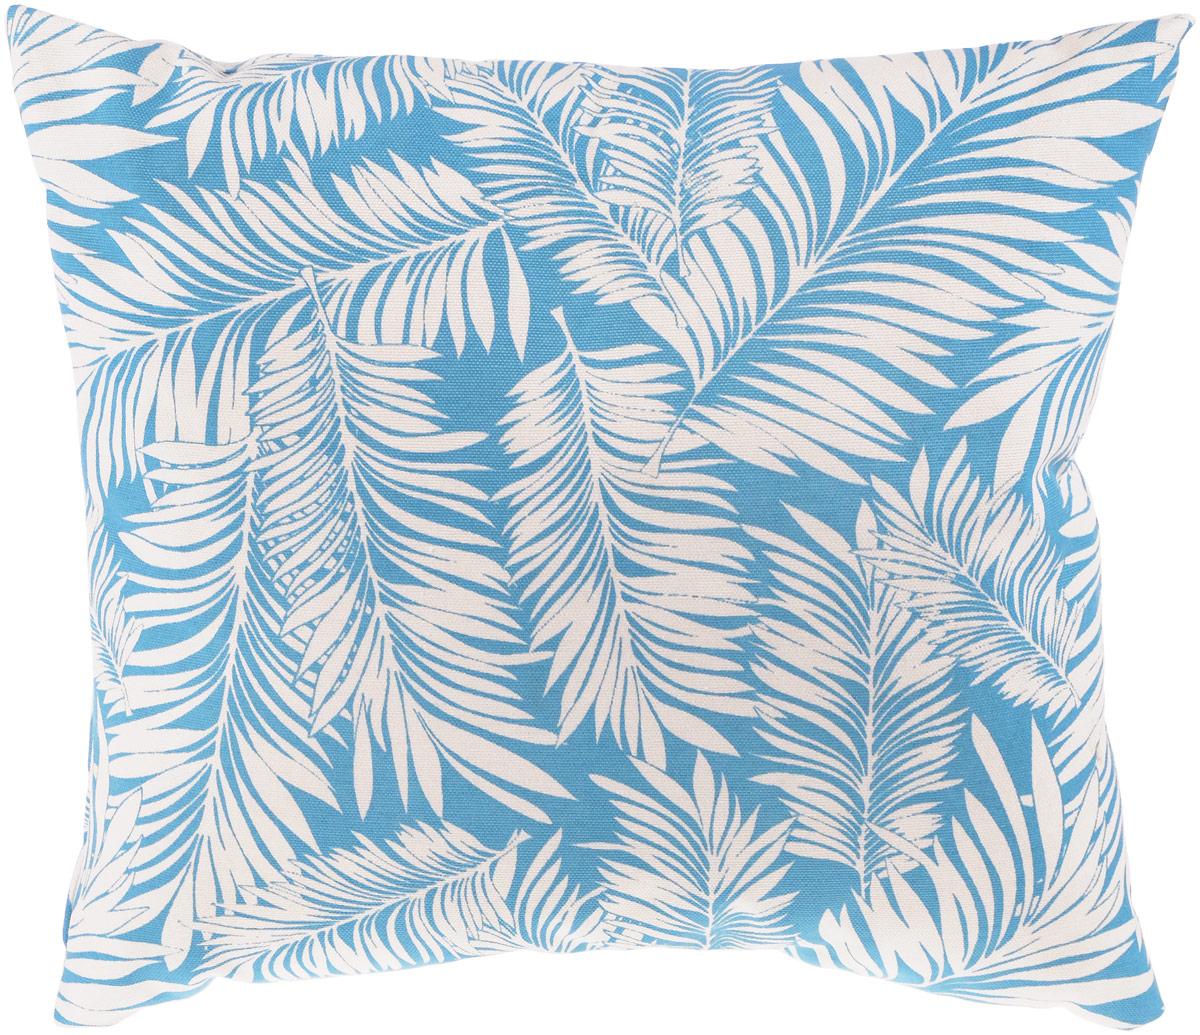 Подушка декоративная KauffOrt Лазурный берег, цвет: голубой, белый, 40 x 40 смS03301004Декоративная подушка Лазурный берег прекрасно дополнит интерьер спальни или гостиной. Очень нежный на ощупь чехол подушки выполнен из 75% хлопка и 25% полиэстера. Внутри находится мягкий наполнитель. Чехол легко снимается благодаря потайной молнии.Красивая подушка создаст атмосферу уюта и комфорта в спальне и станет прекрасным элементом декора.